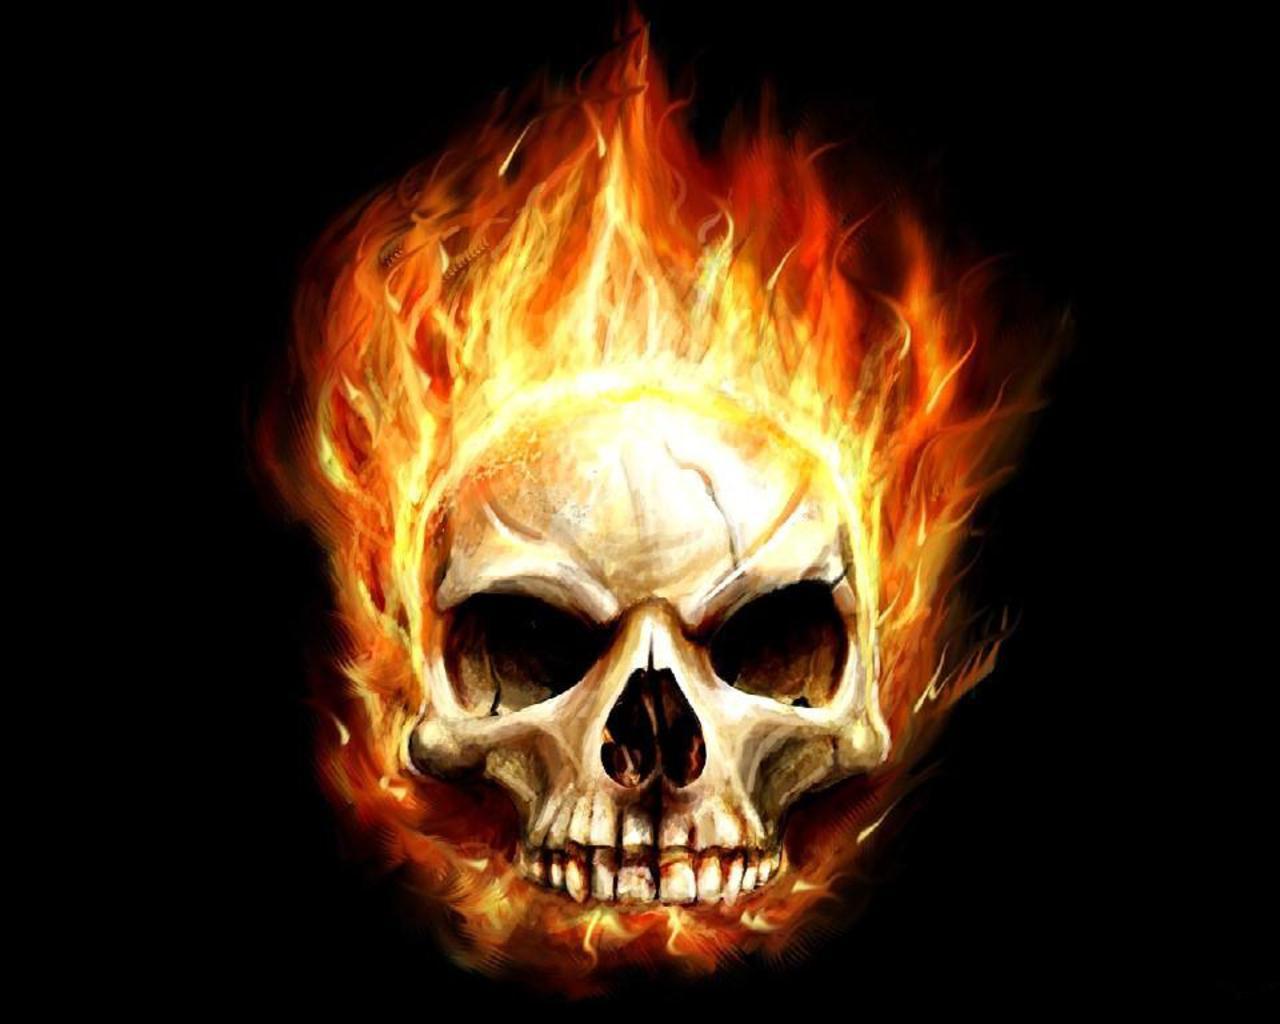 http://2.bp.blogspot.com/-iYEzxOSpFGo/TvtjTnAZU-I/AAAAAAAAA8E/d5y76G4EYvU/s1600/papel-de-parede-fogo-fire-wallpapers-18.jpg